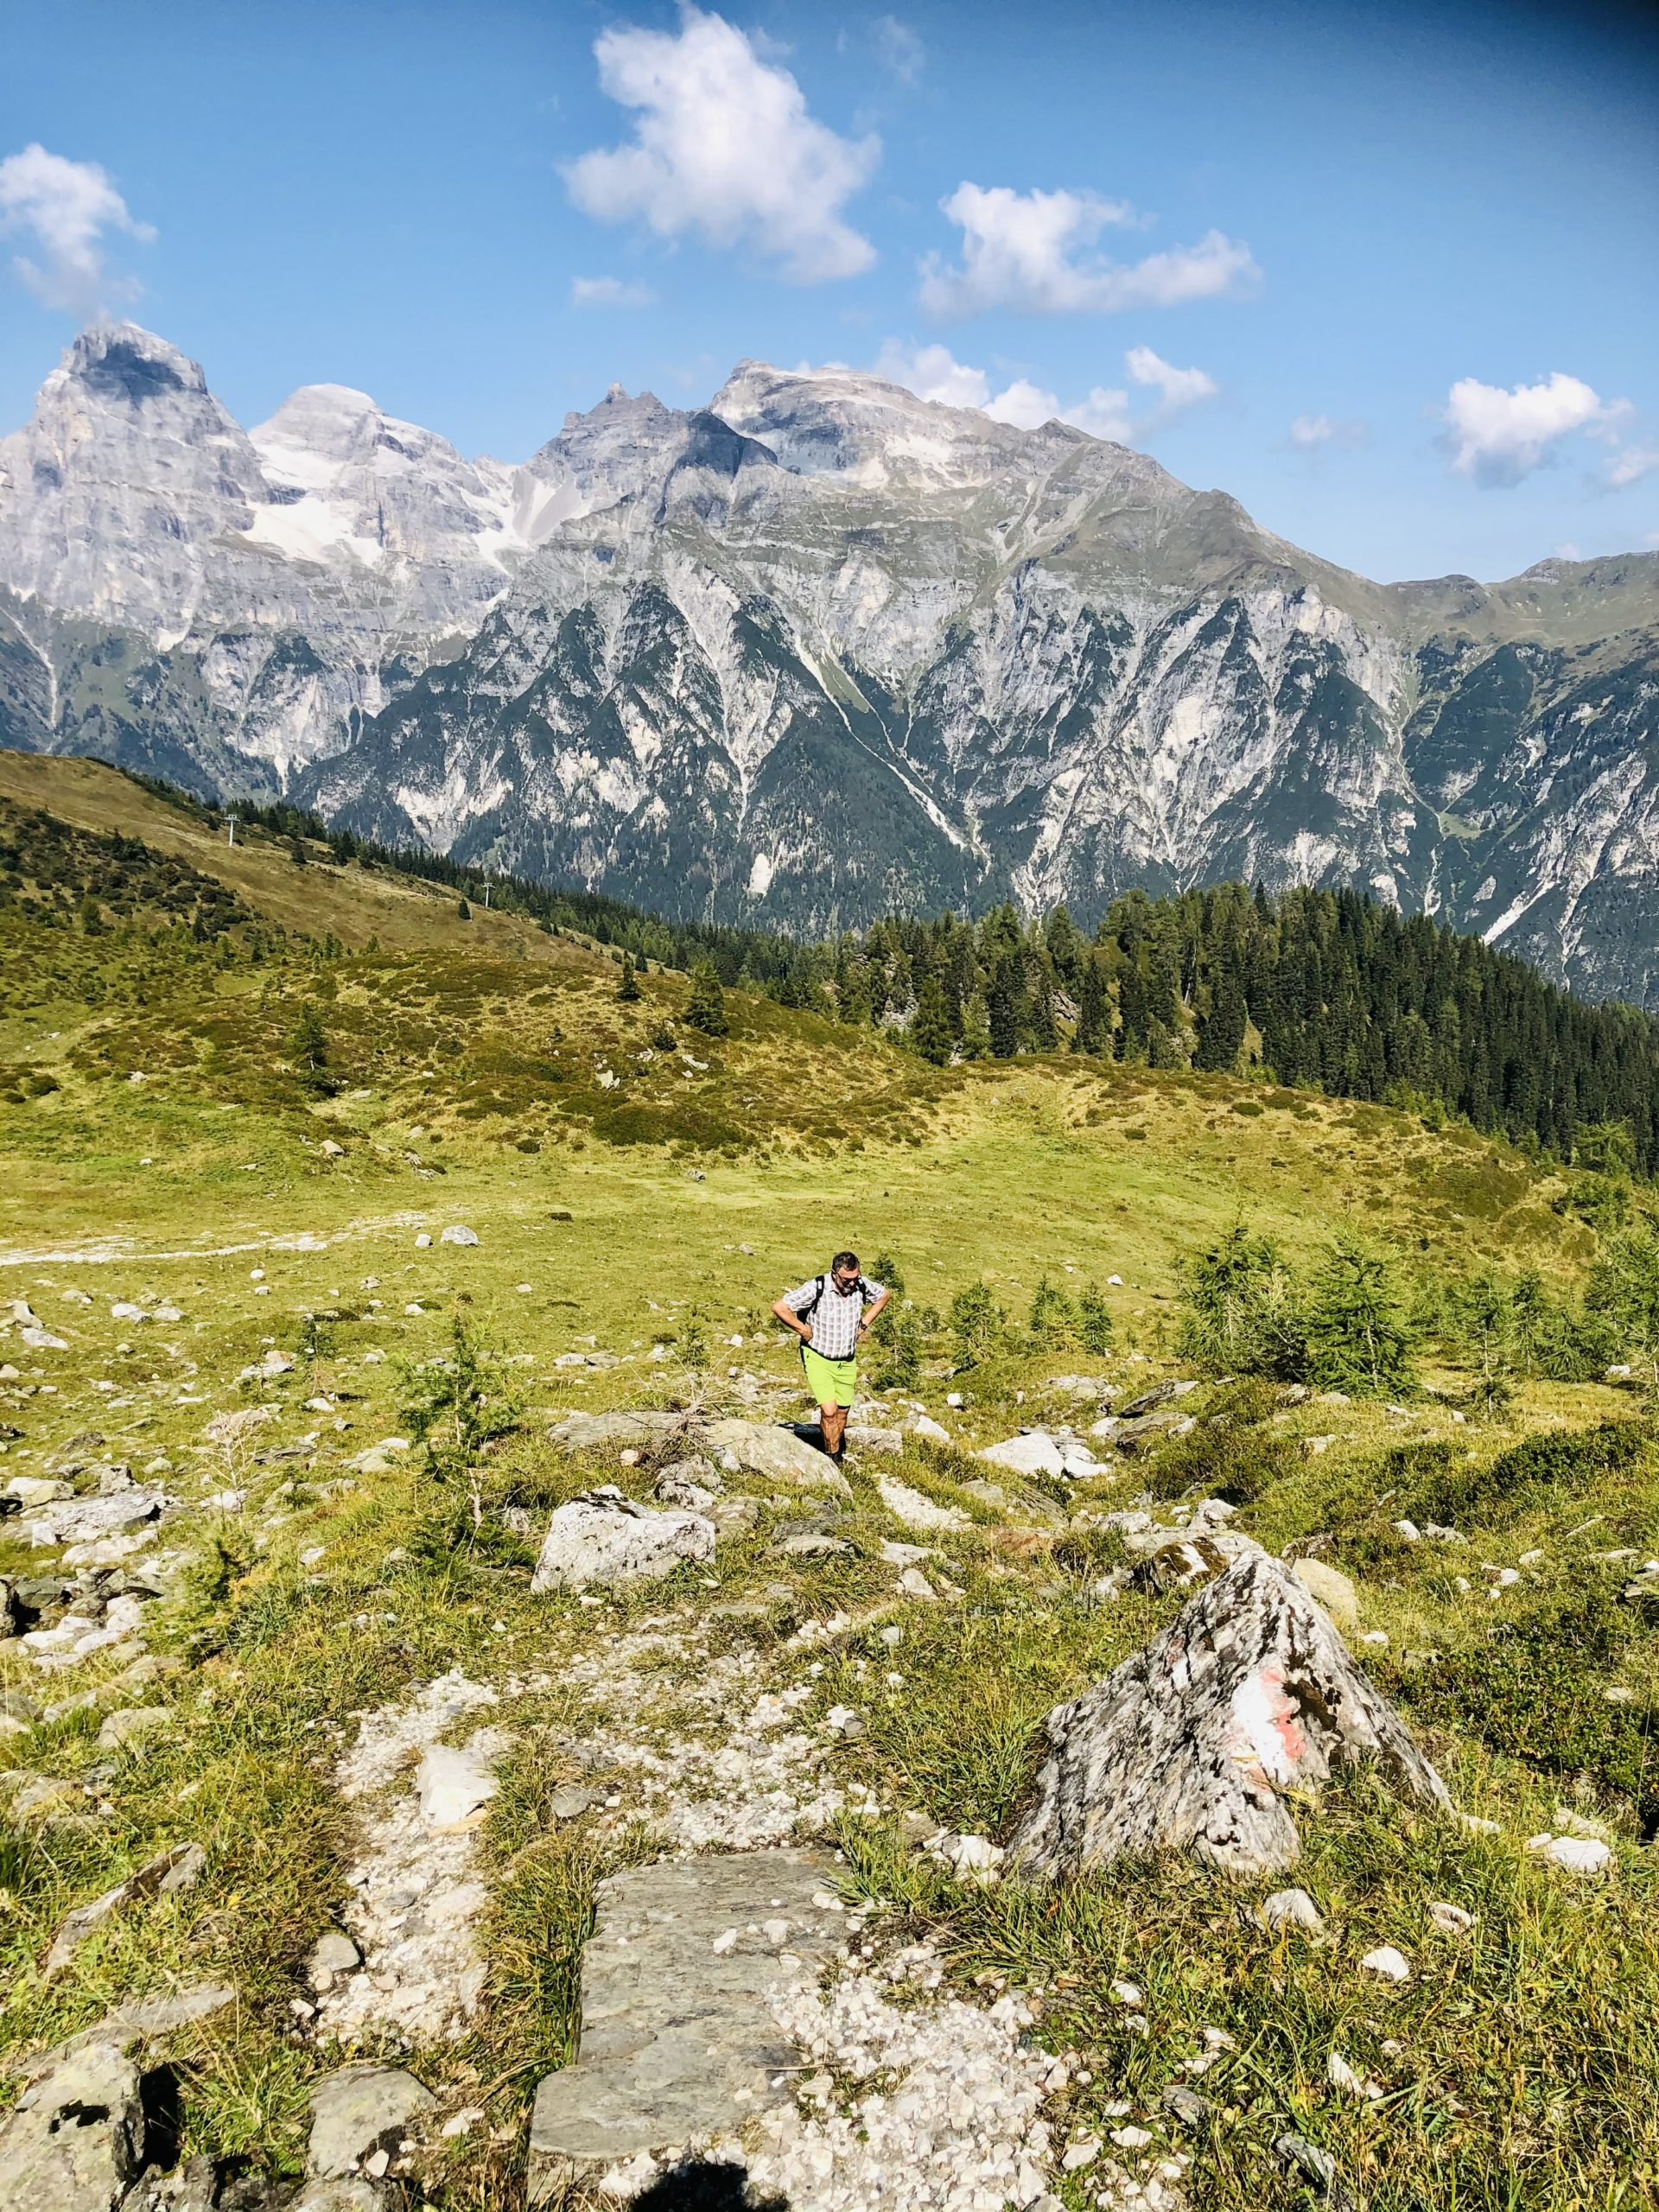 Von Sterzing aus hinein in die Bergwelt Teil 2 Ladurns